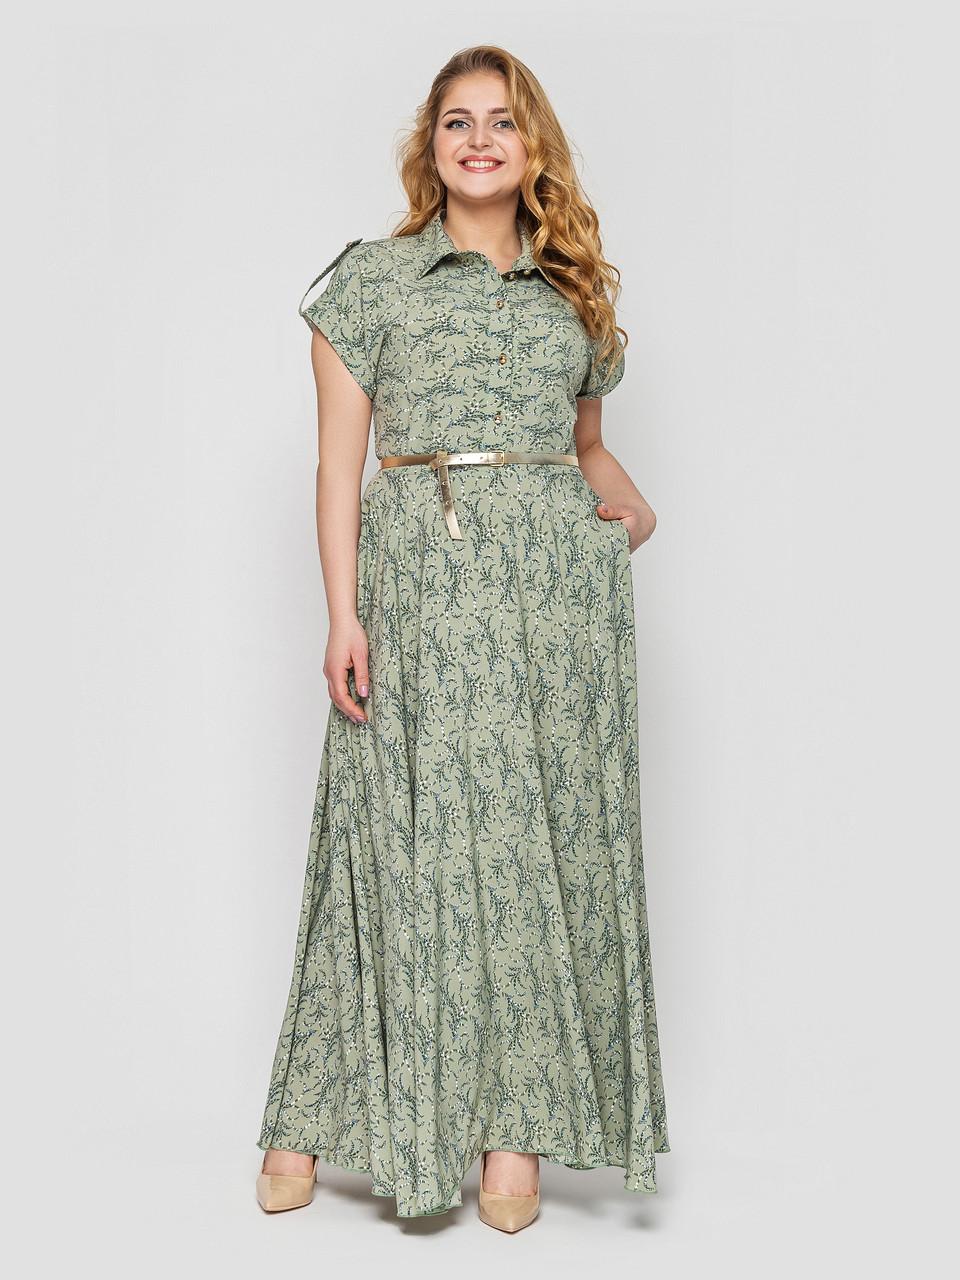 Розкішне плаття максі в підлогу Олена Оливка Великі Розміри 48, 50, 52, 54, 56